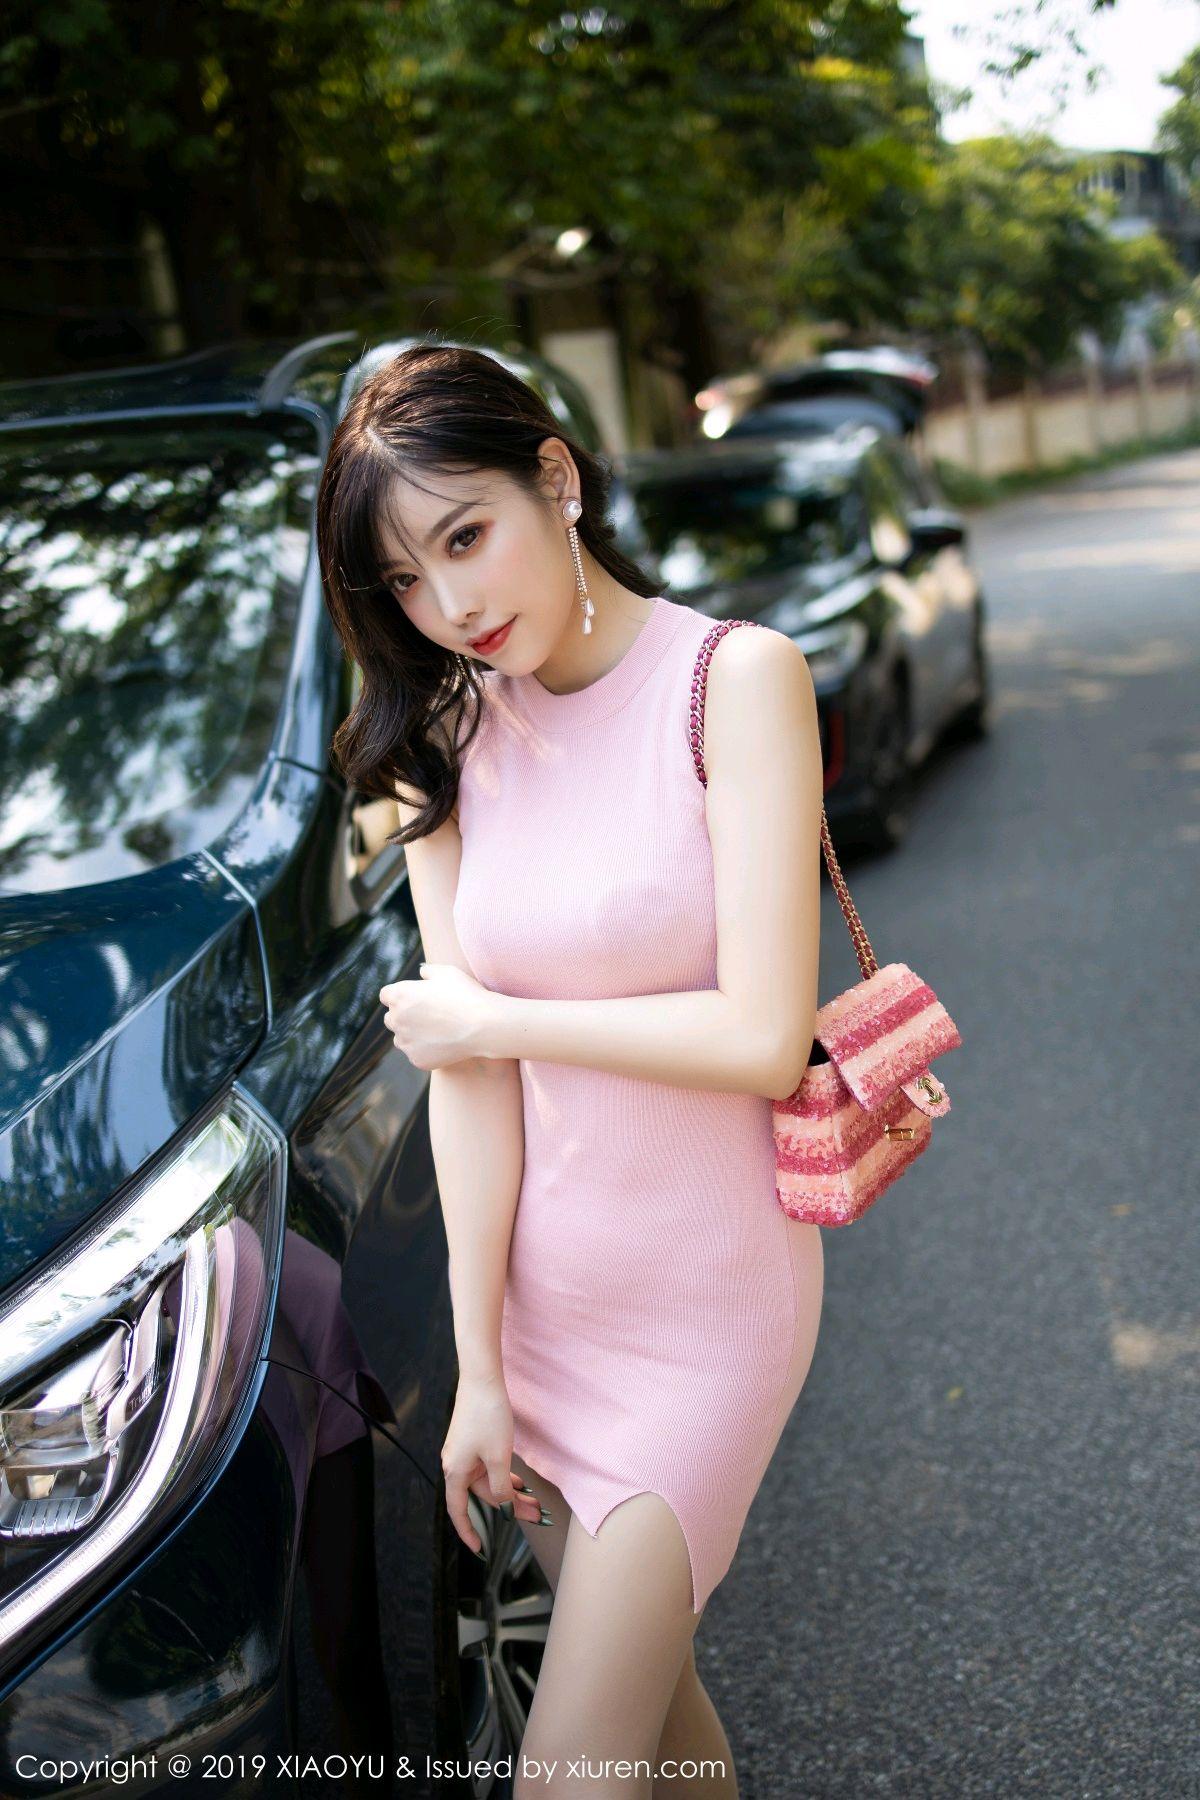 [XIAOYU] Vol.178 Yang Chen Chen 1P, Outdoor, Tall, XiaoYu, Yang Chen Chen